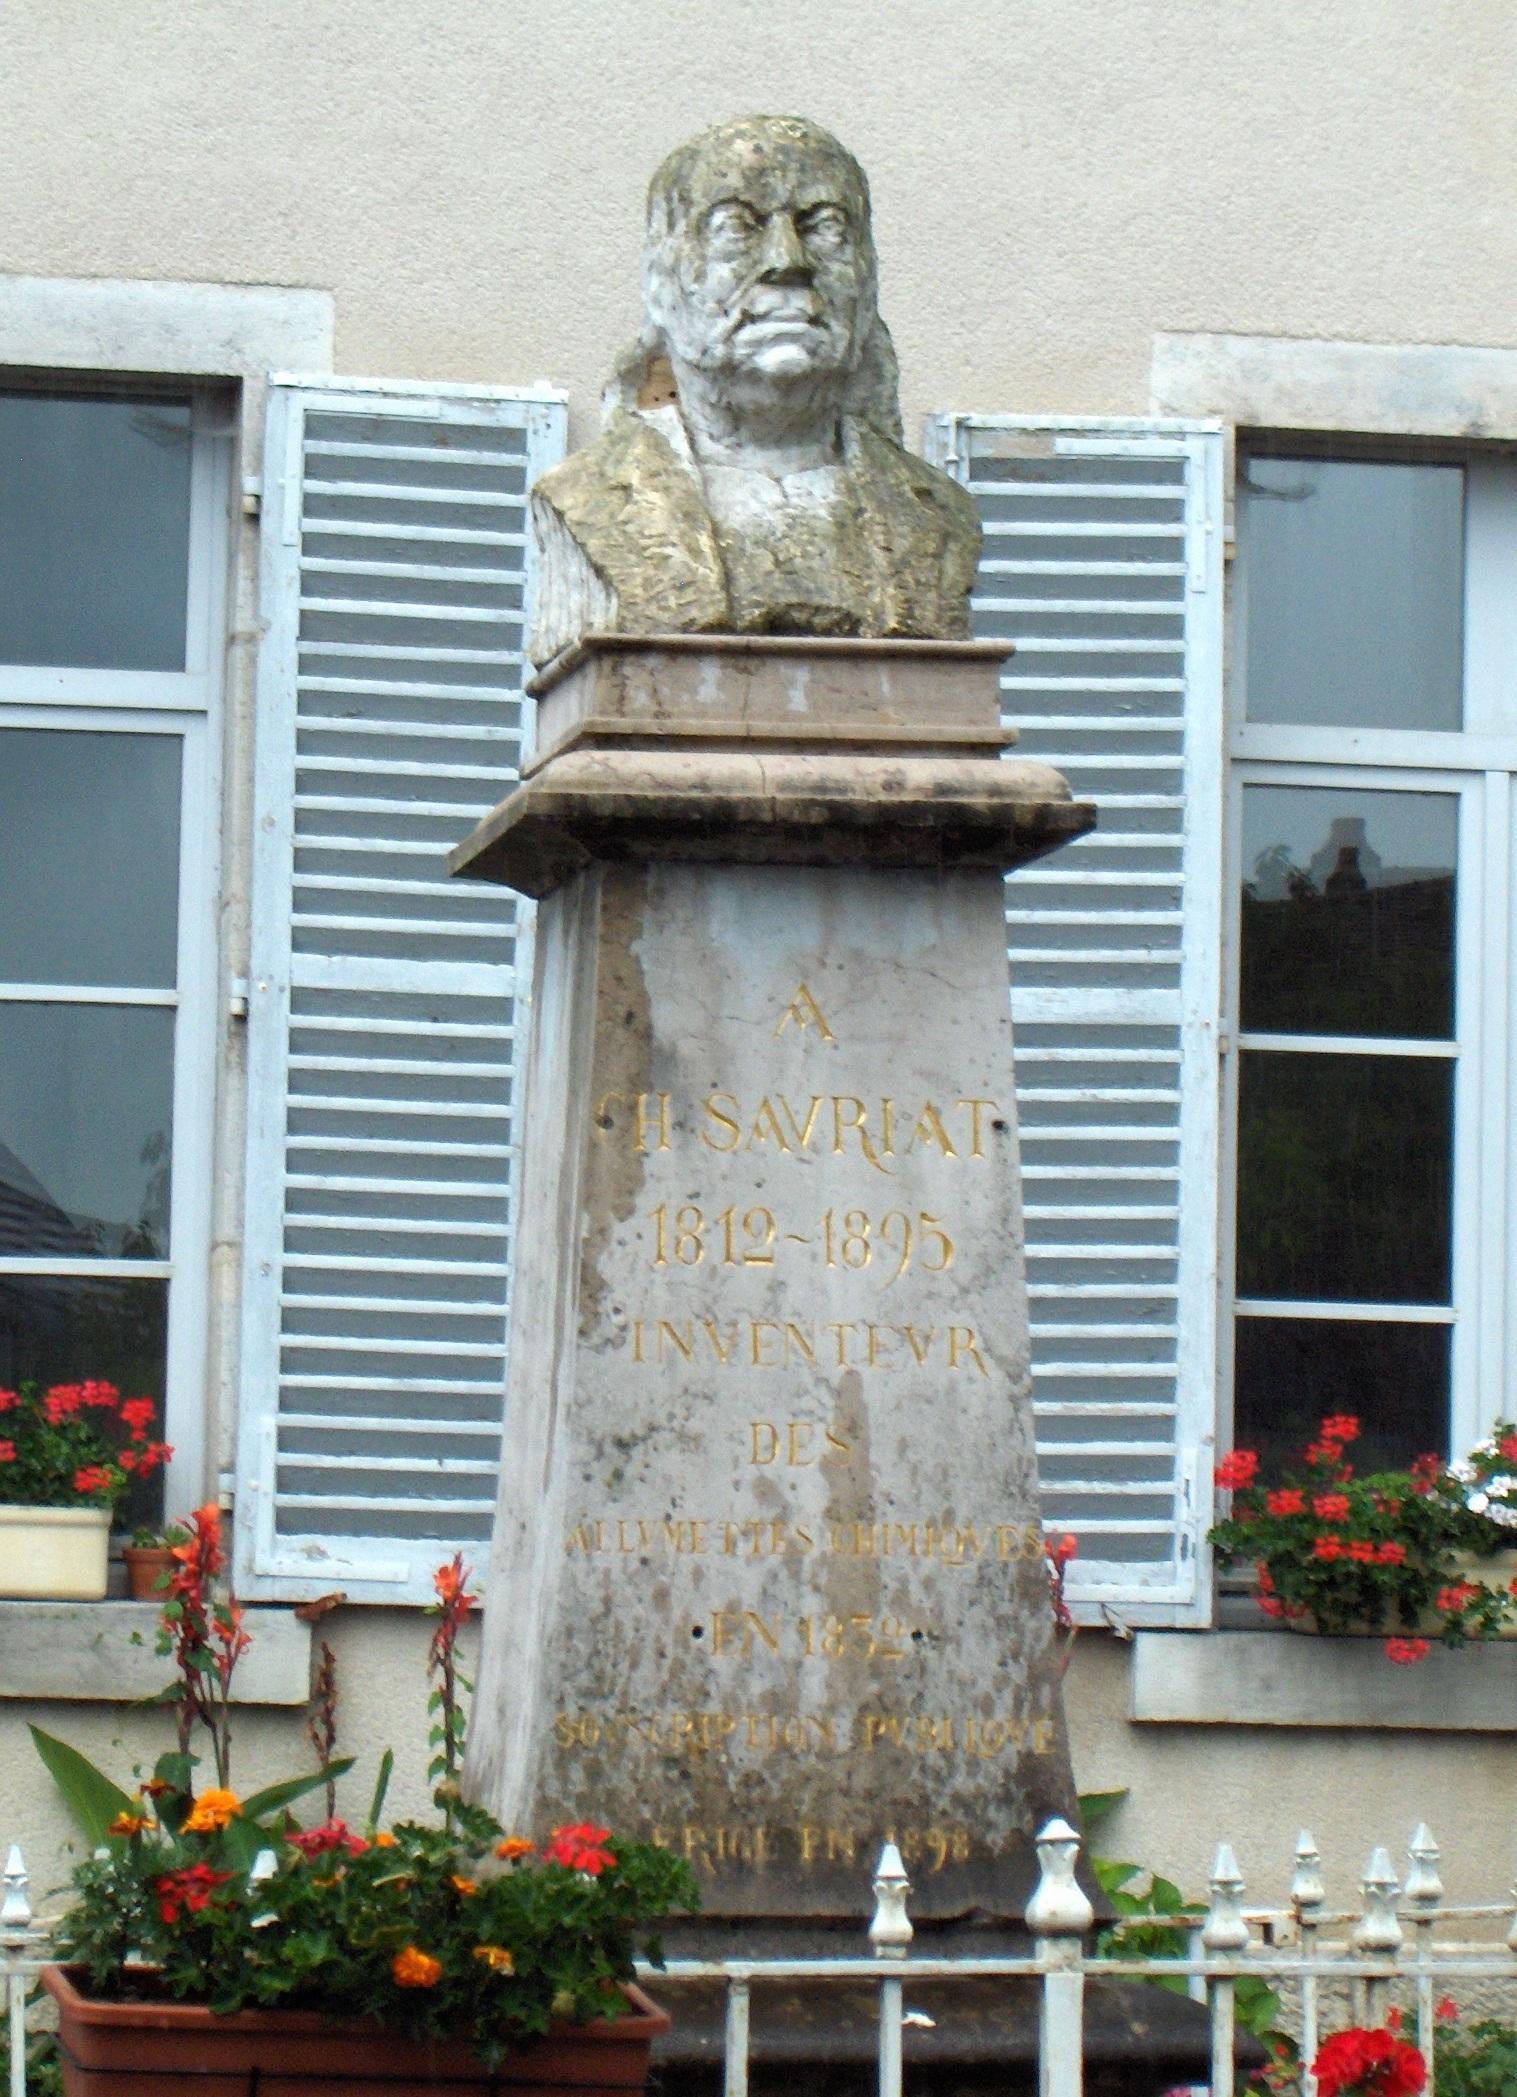 Памятник Шарлю Сориа в г. Сен-Лотер (Франция)